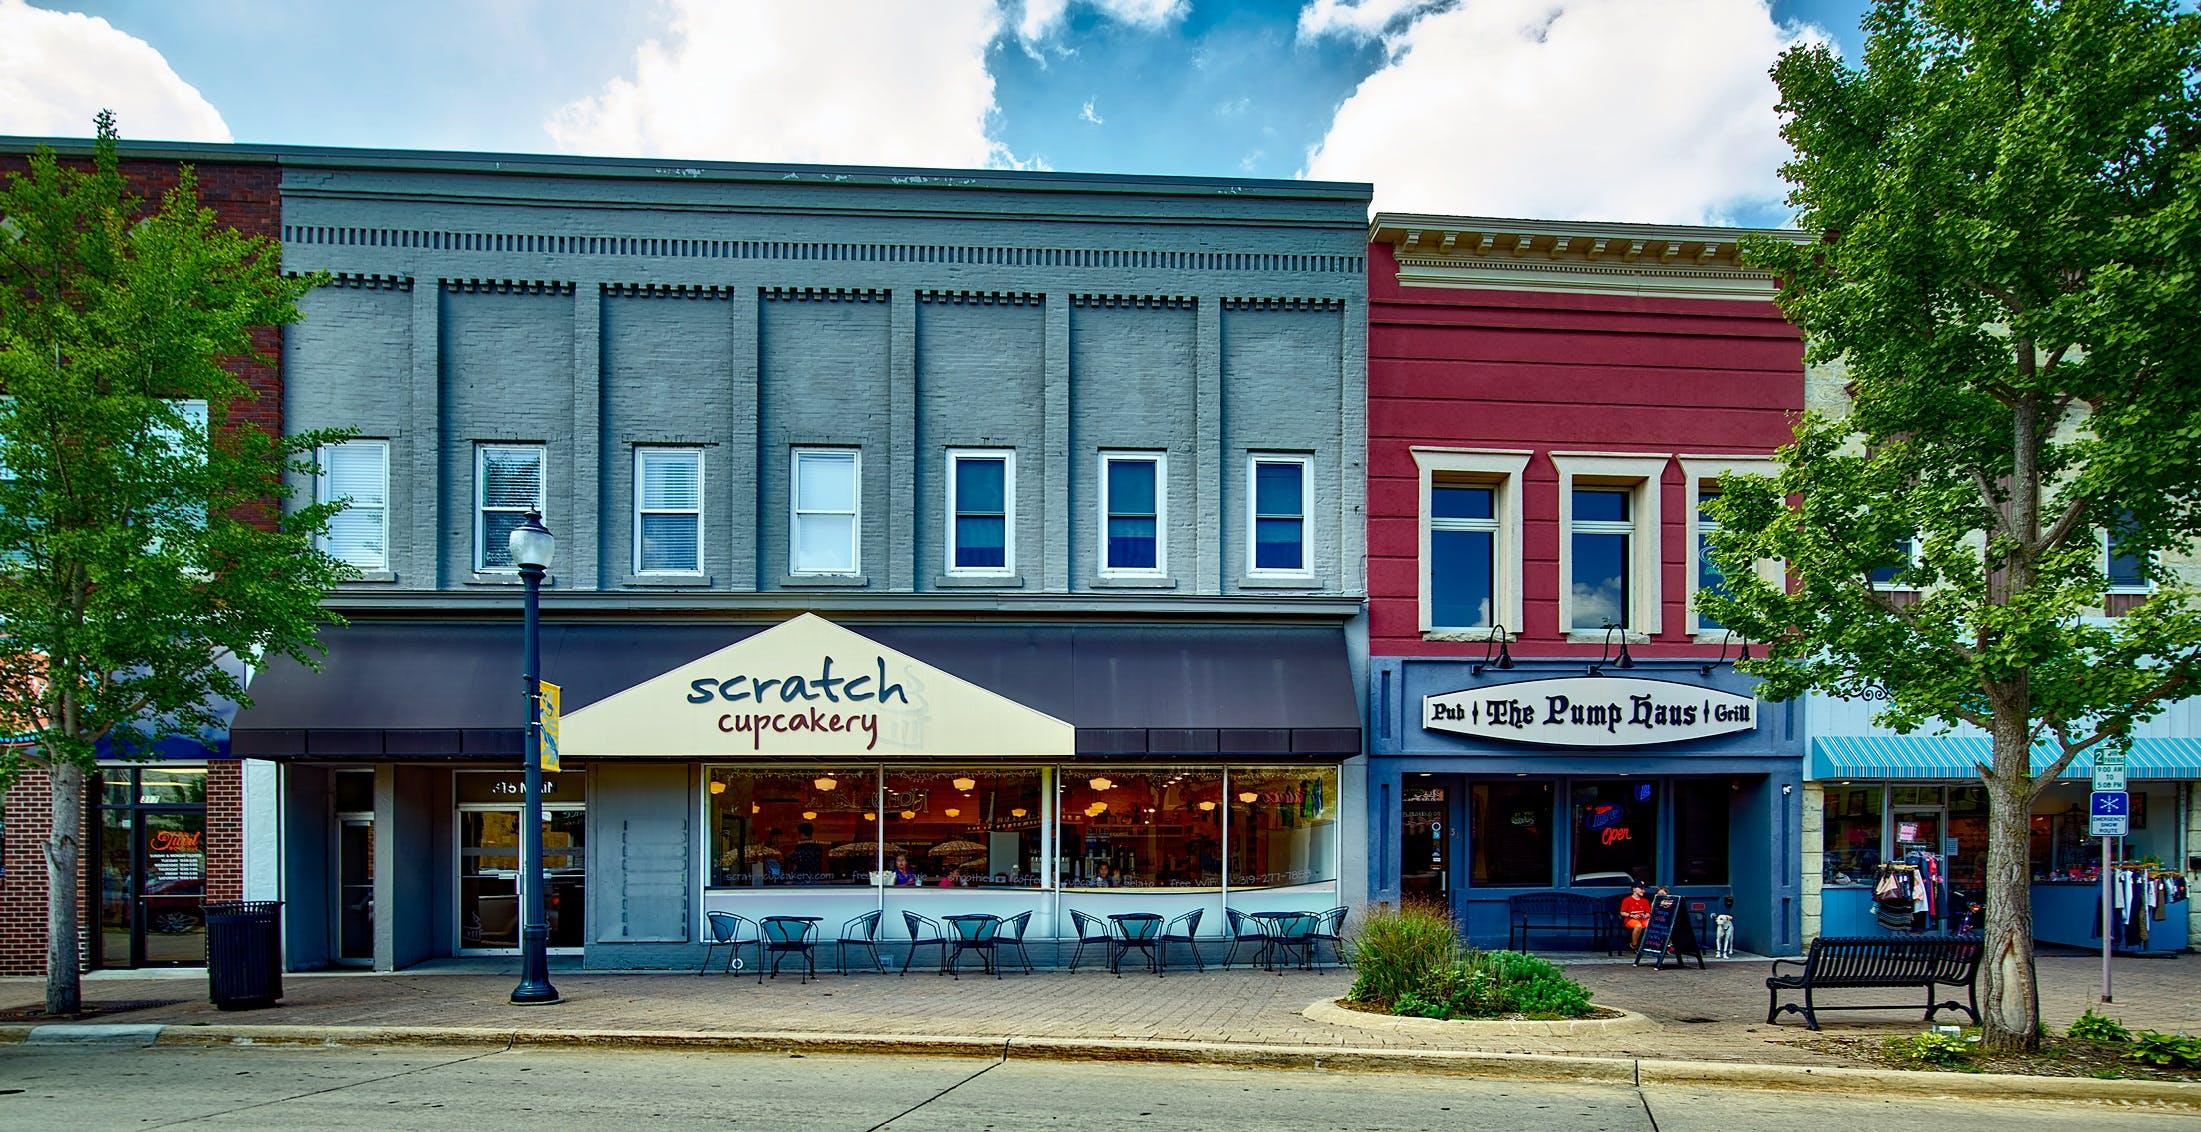 Scratch Cupcakery Store